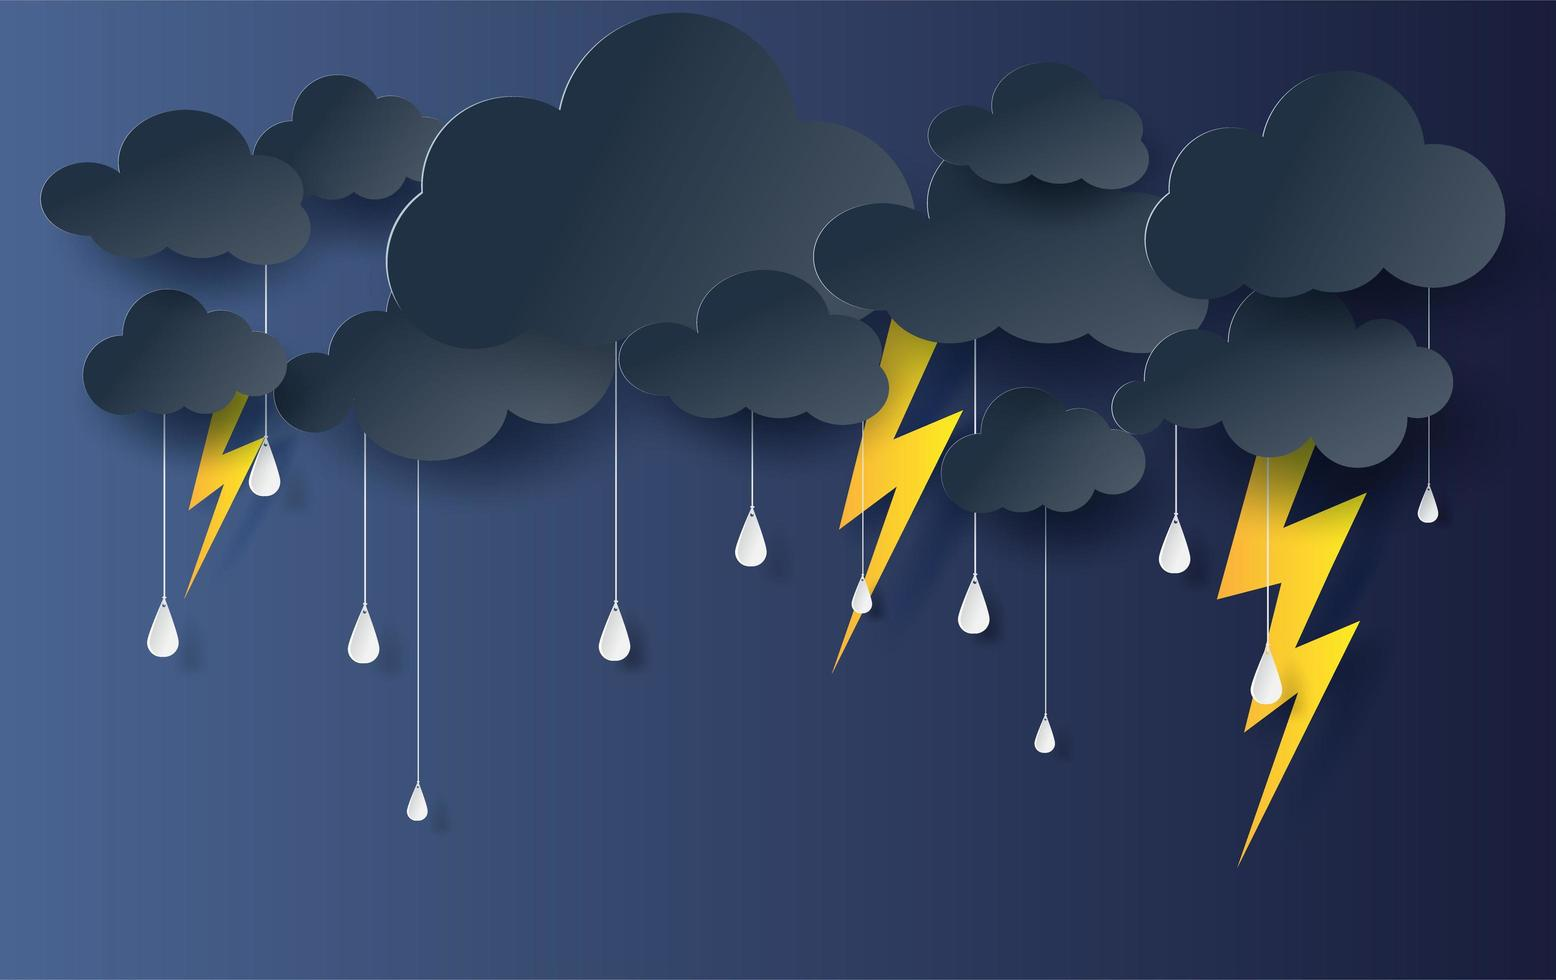 papper konst och hantverk stil moln och regn banner bakgrund vektor